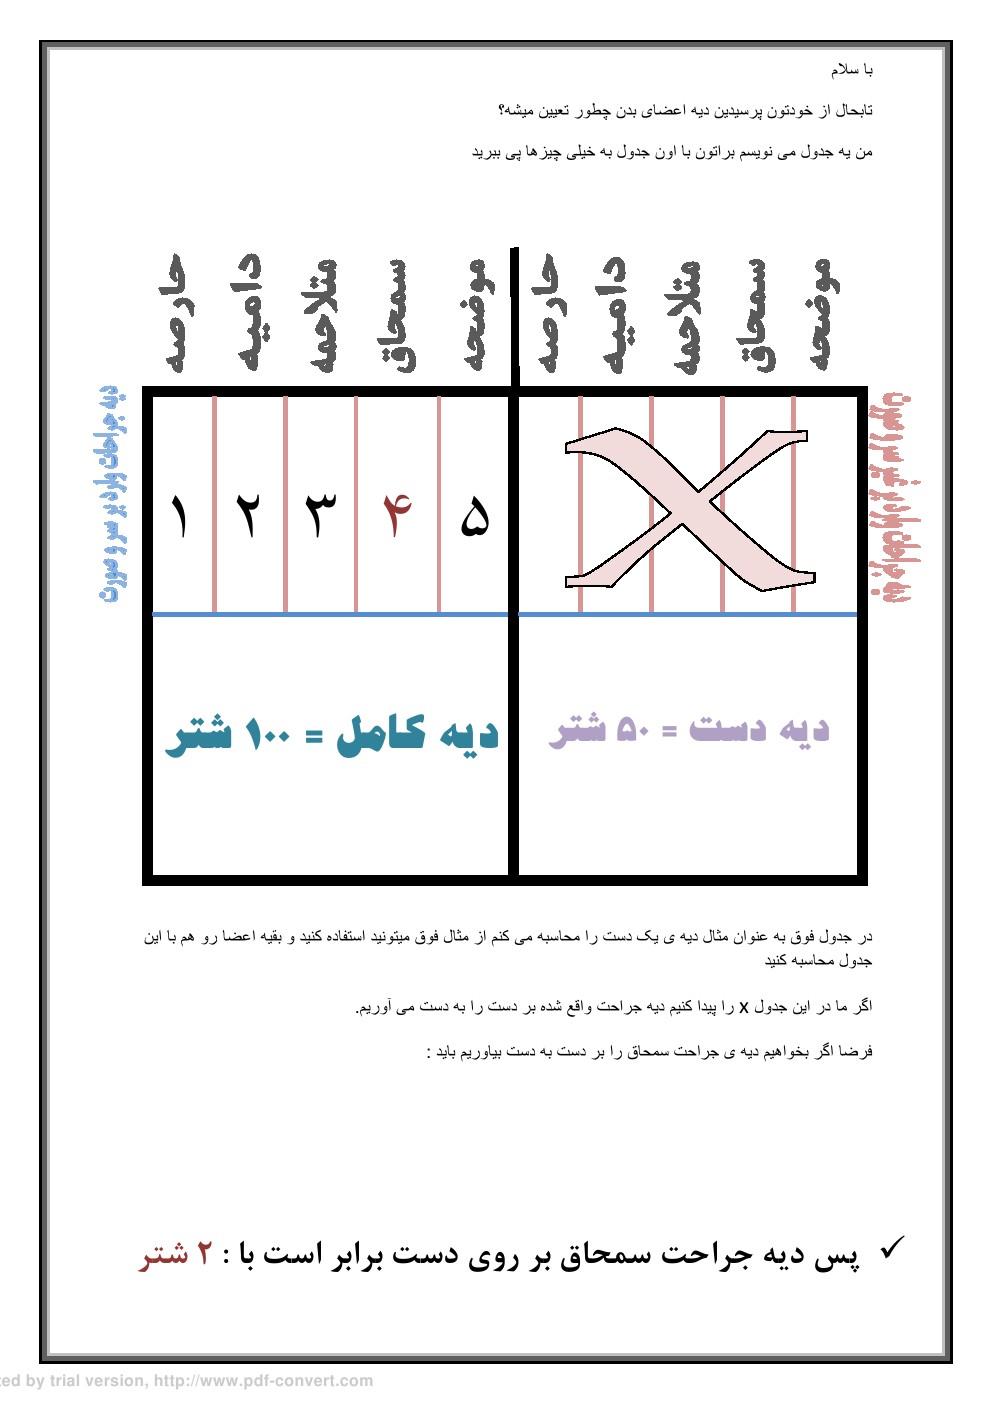 جدول محاسبه دیه غیر سر و صورت